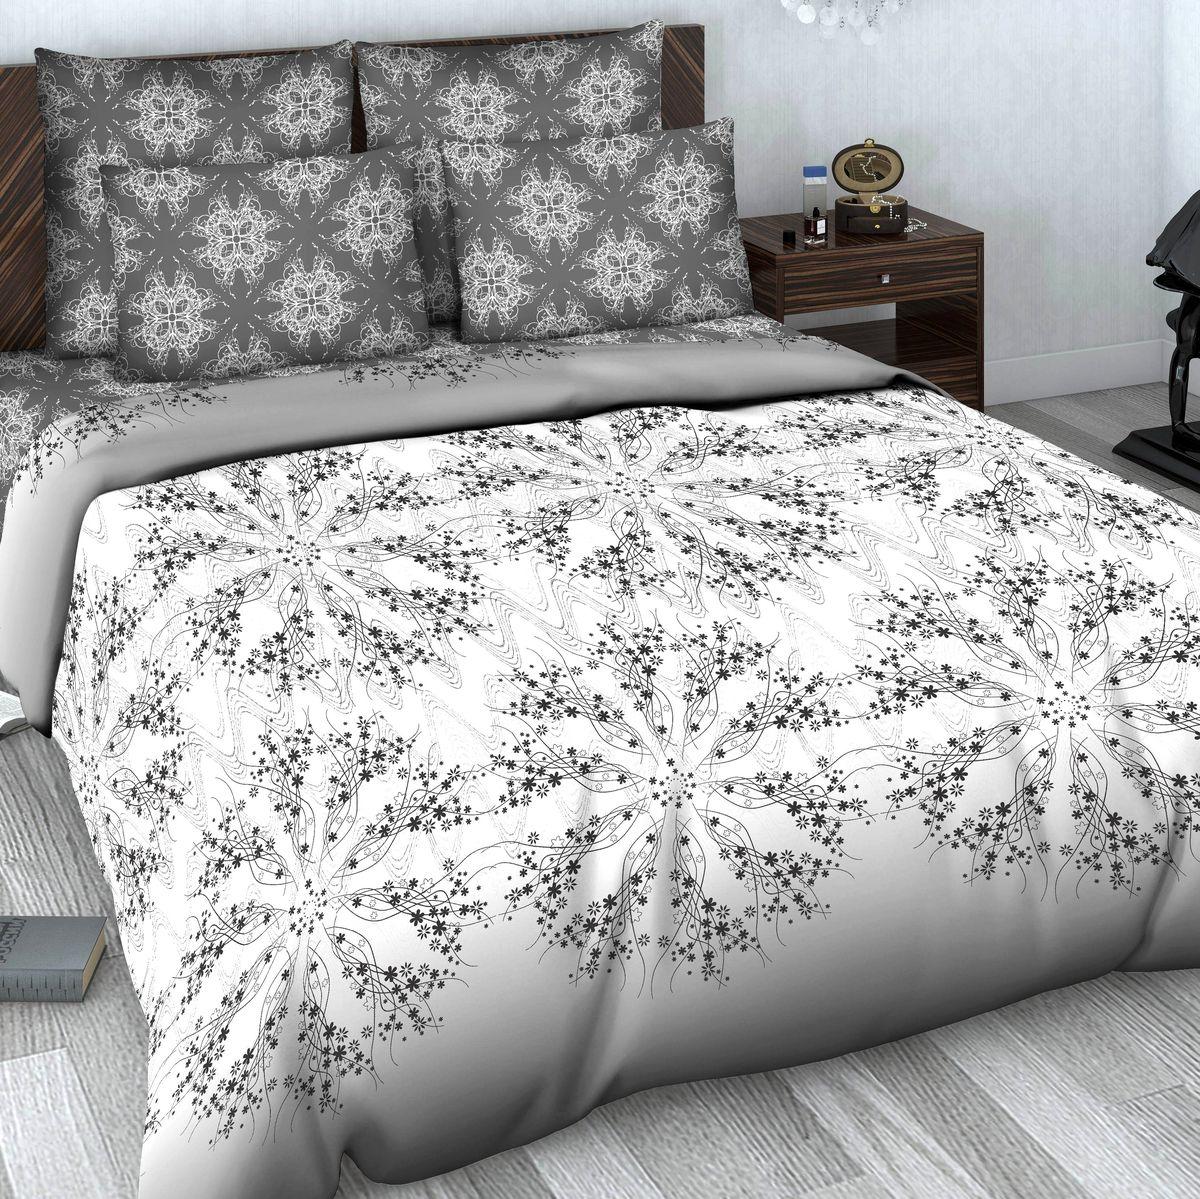 Комплект белья Василиса, 2-спальный, наволочки 70х70. 602/2602-1/2Комплект постельного белья Василиса состоит из пододеяльника, простыни и двух наволочек. Белье изготовлено из высококачественного сатина (100% хлопка). Постельное белье представляет собой блестящую и плотную ткань. Ткань очень приятна на ощупь, сатиновое постельное белье долговечно и выдерживает большое число стирок.Приобретая комплект постельного белья Василиса, вы можете быть уверены в том, что покупка доставит вам удовольствие и подарит максимальный комфорт.